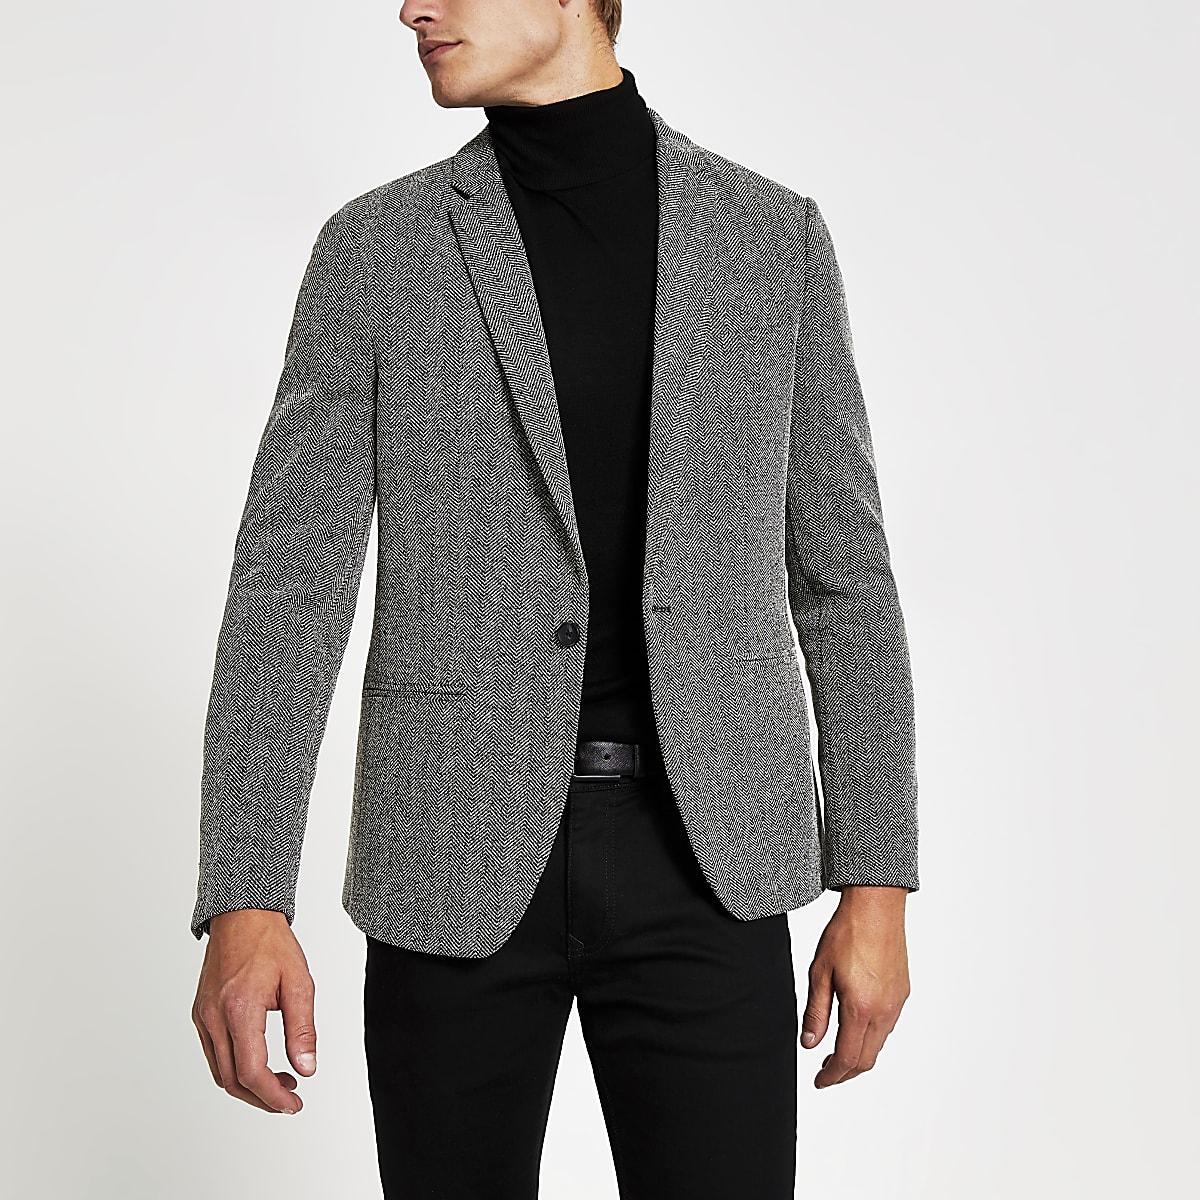 Grey textured skinny fit blazer